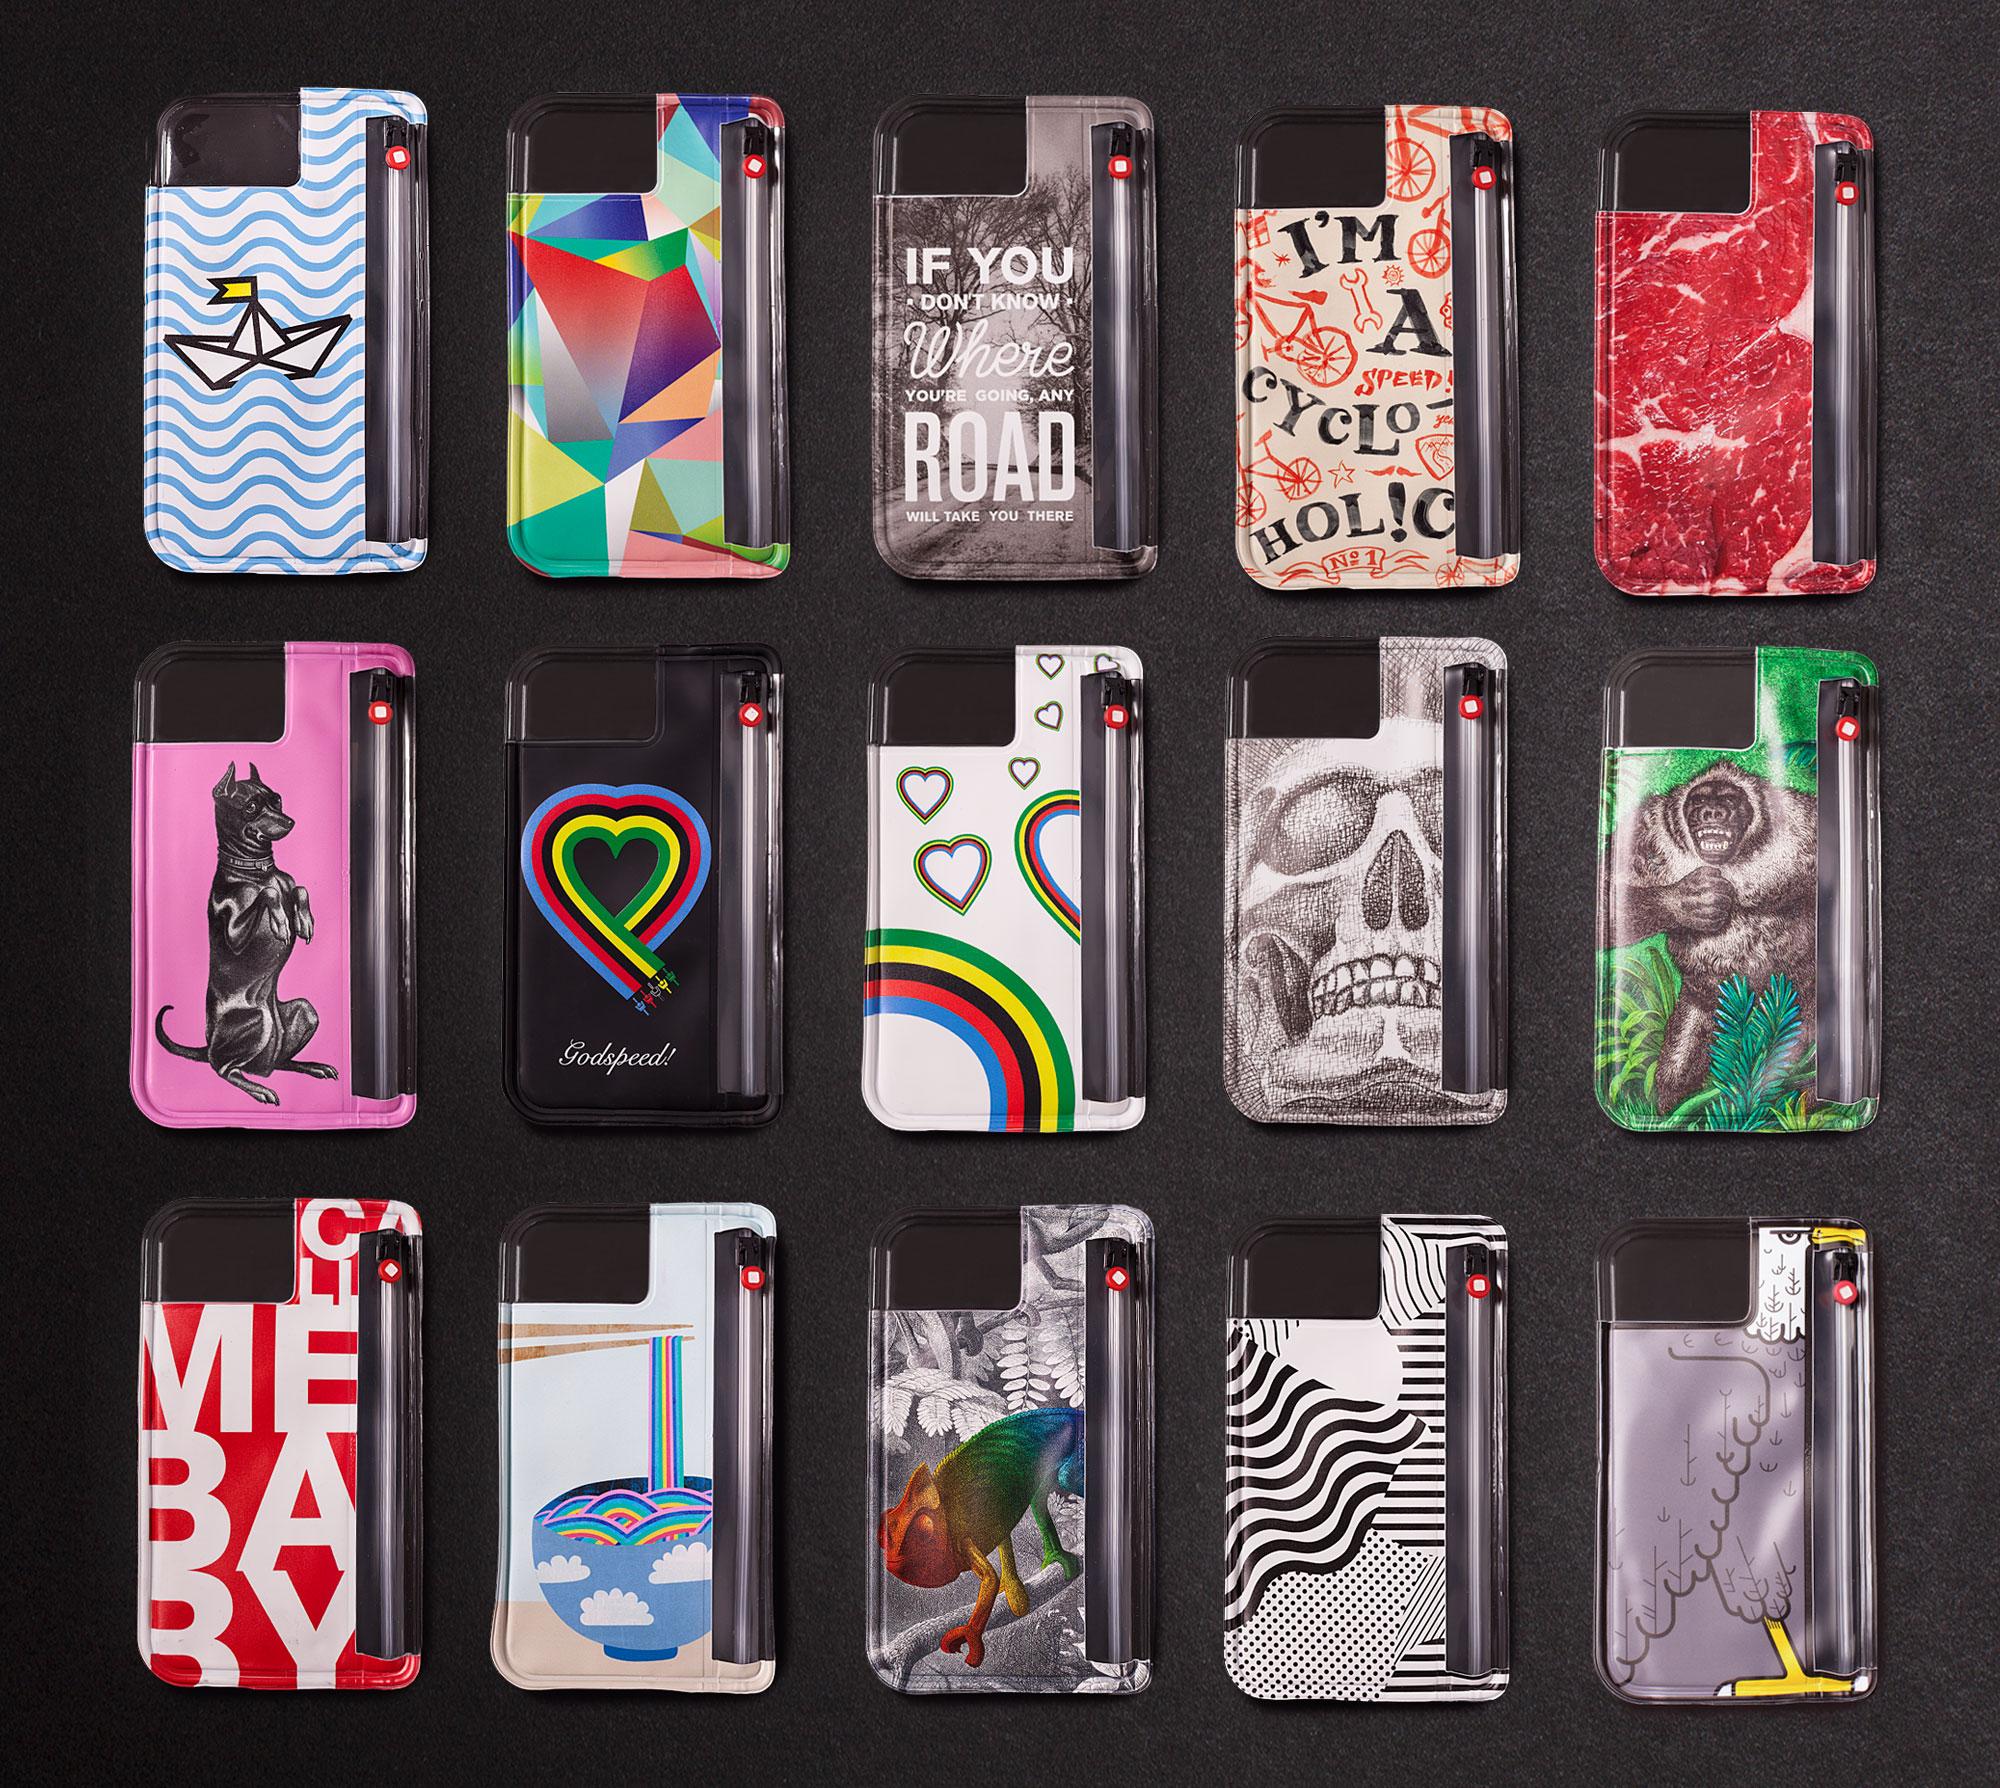 75a aus Stuttgart gestaltet die Sondereditionen der Handyhüllen von Pocpac